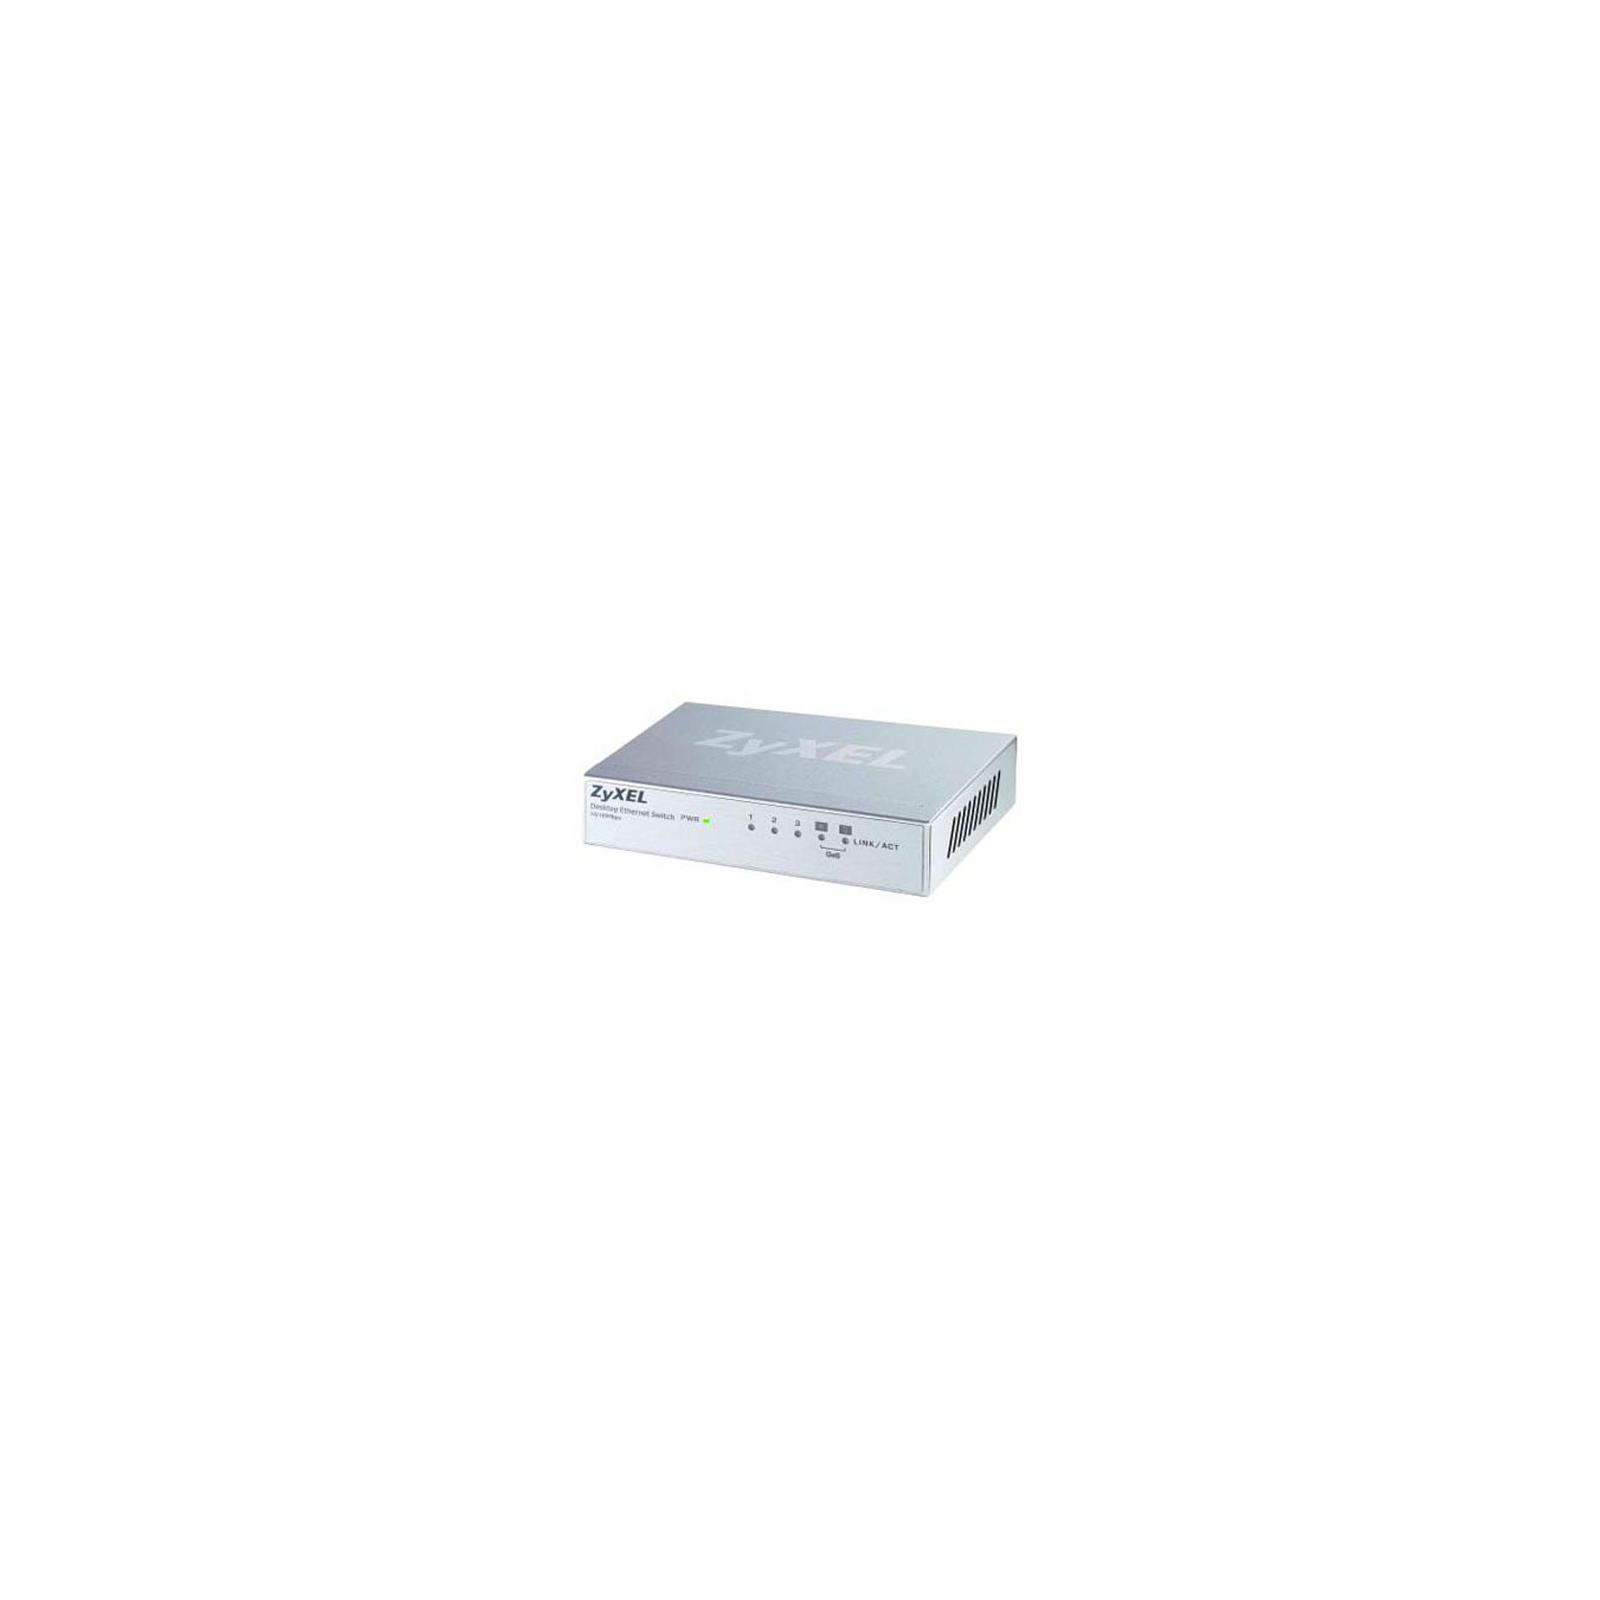 Коммутатор сетевой ZyXel ES-105A